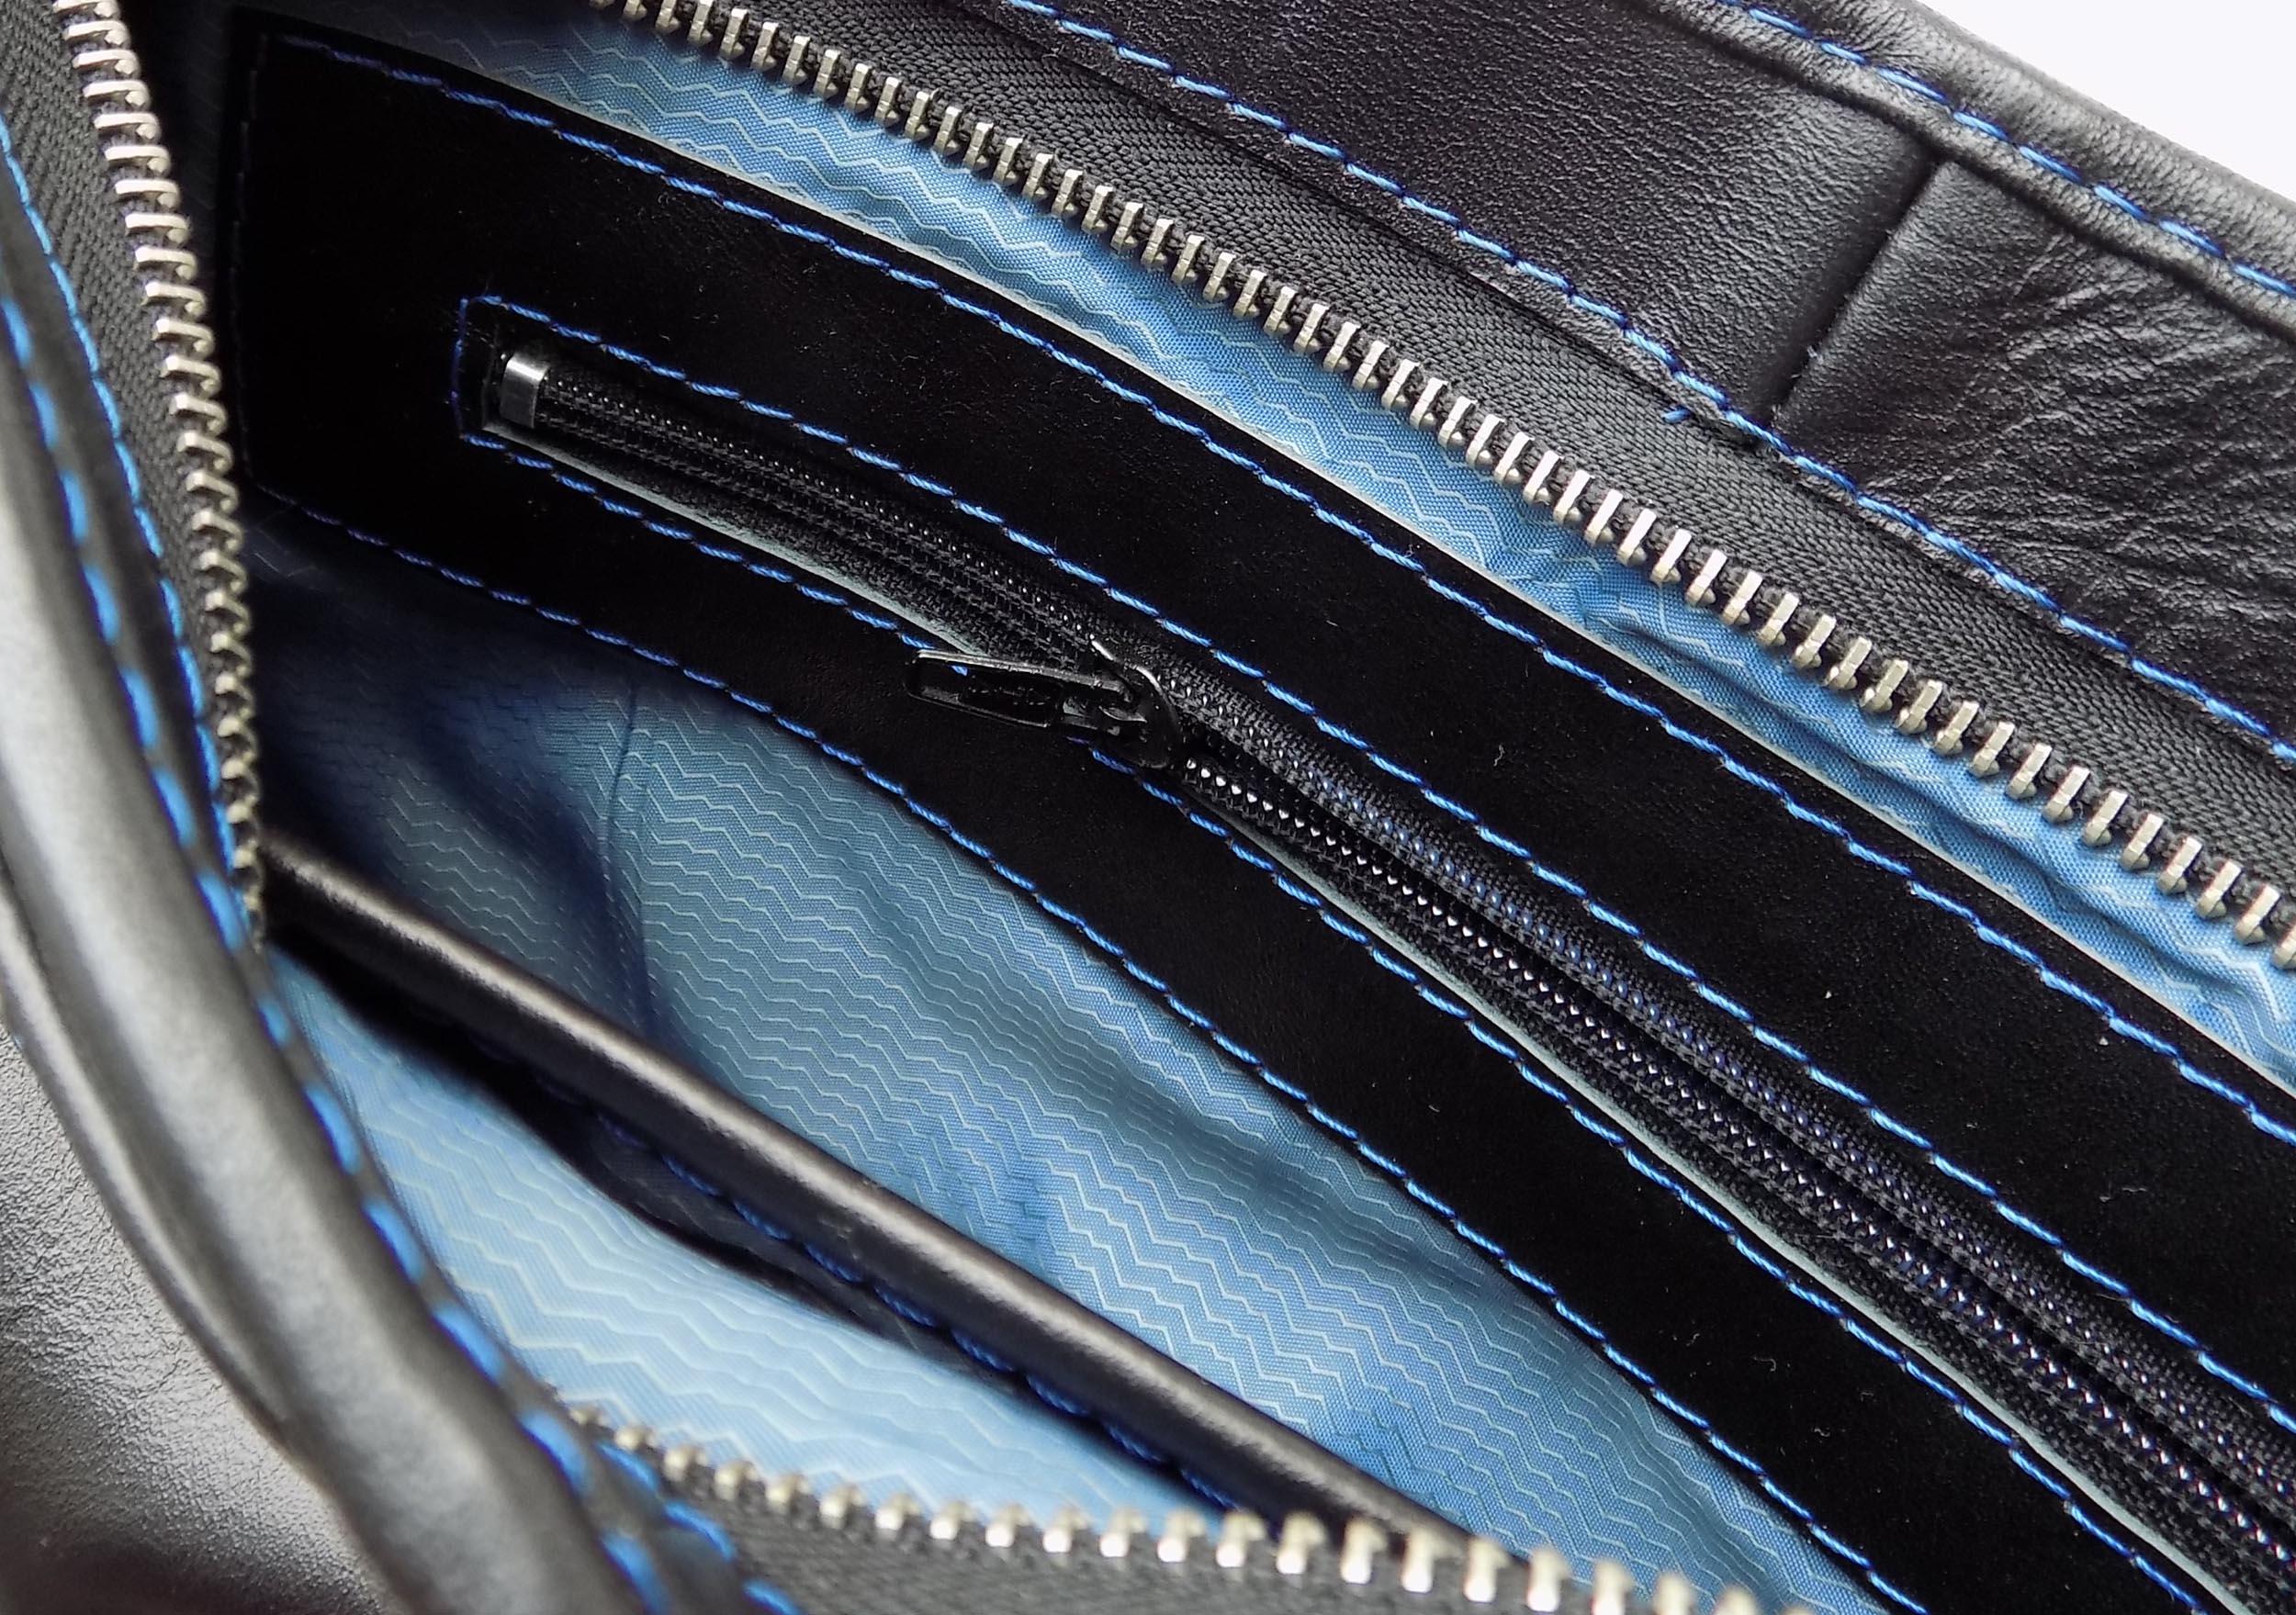 c6ca0eb9fd38 Внутренний карман сумки на молнии, мастер-класс   Швейный Советник